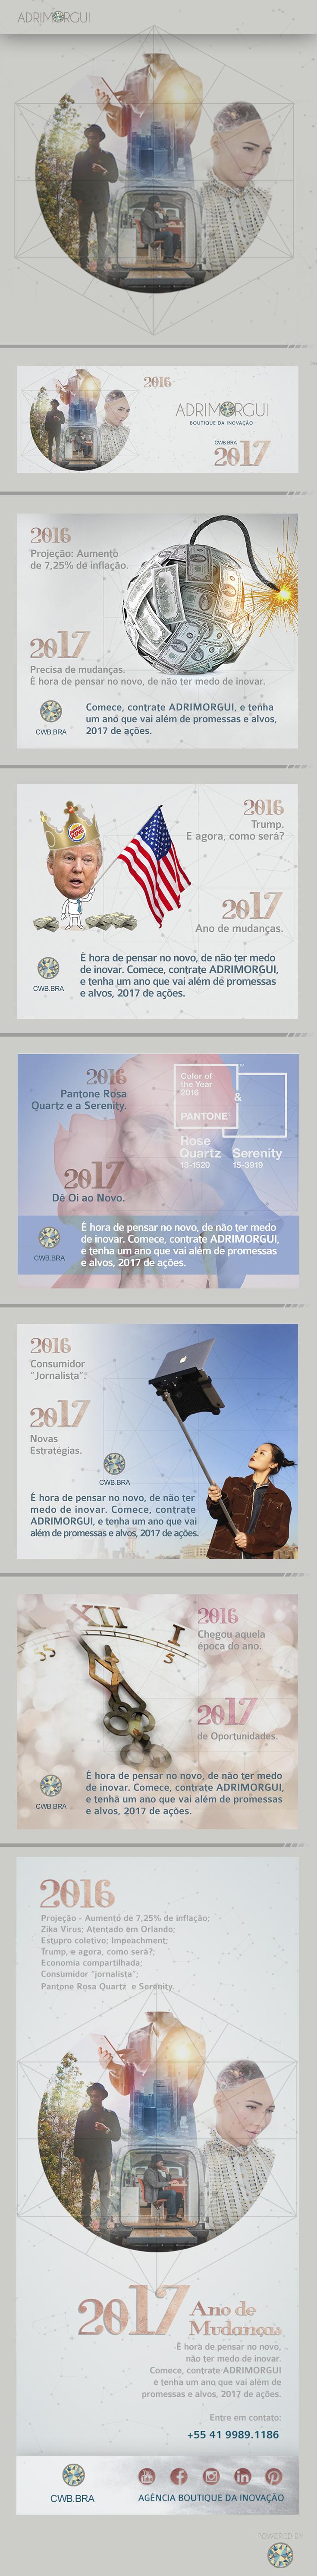 Publicidade on line: Facebook (Ads) e E-mail marketing.  Conceito e Direção de arte: Adriana Guimarães Design: Andre Camargo